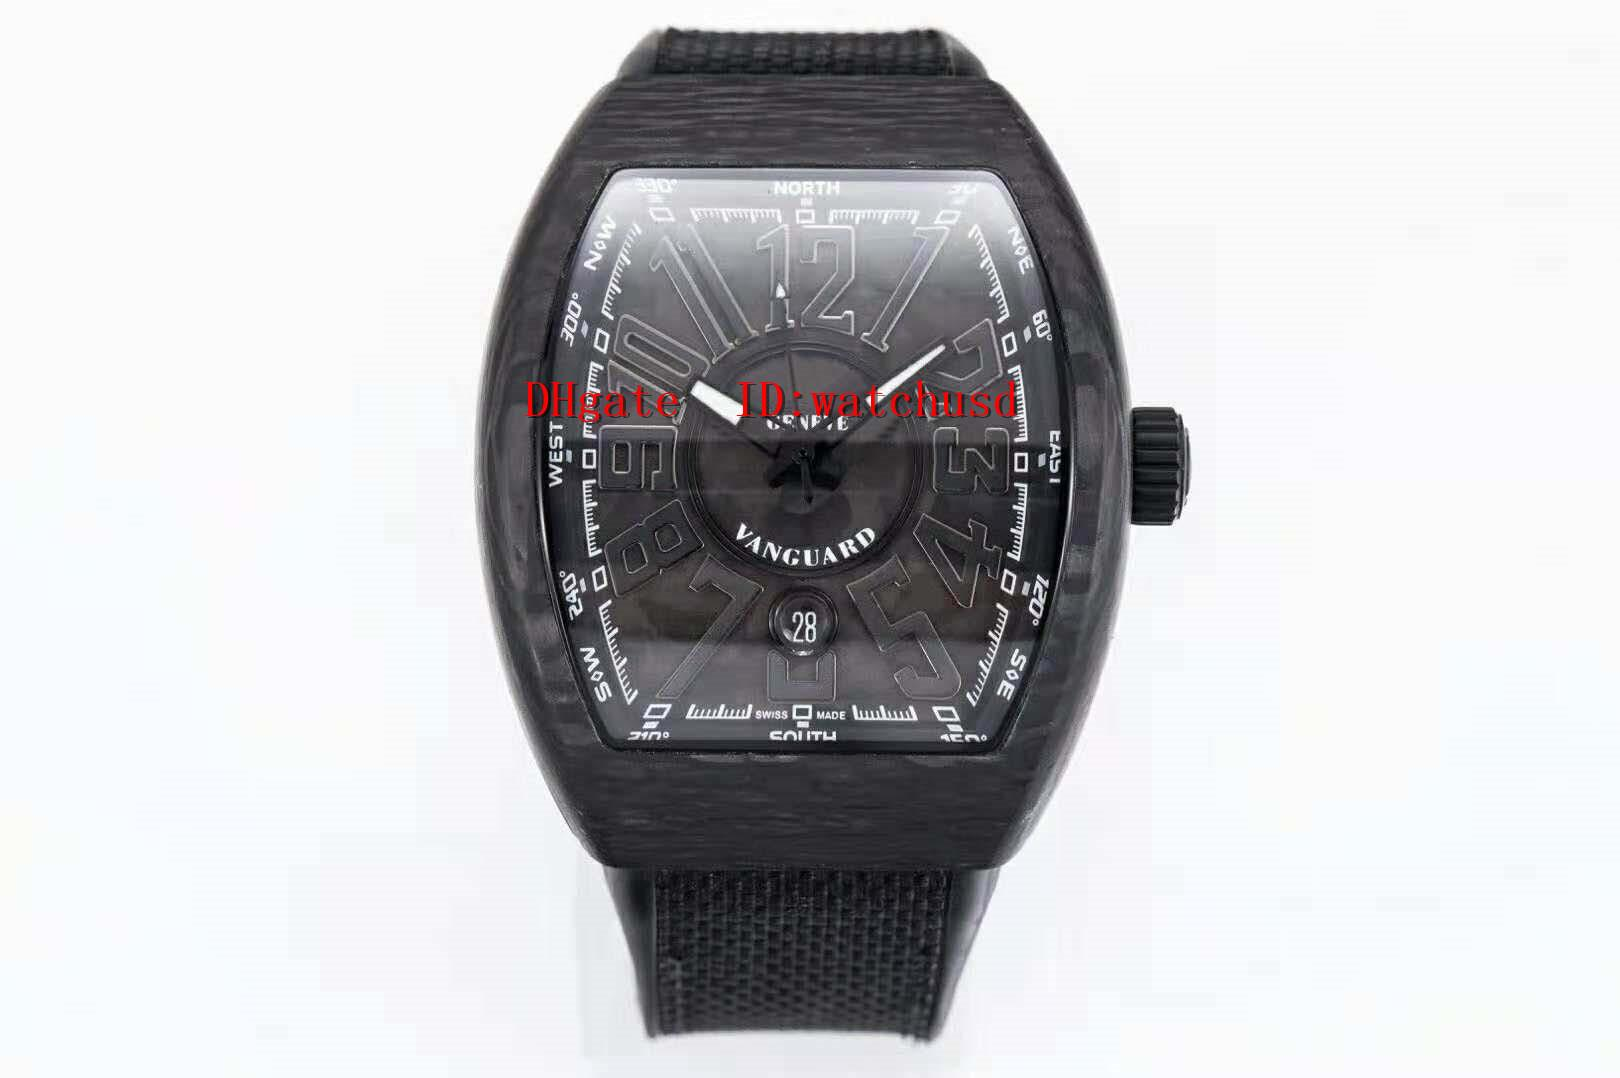 RF Factory Super Luminous наручные часы 44 мм Carbon Fiber Watch Sapphire Waterproof Tonneau мужские часы автоматические механические твердые задняя крышка